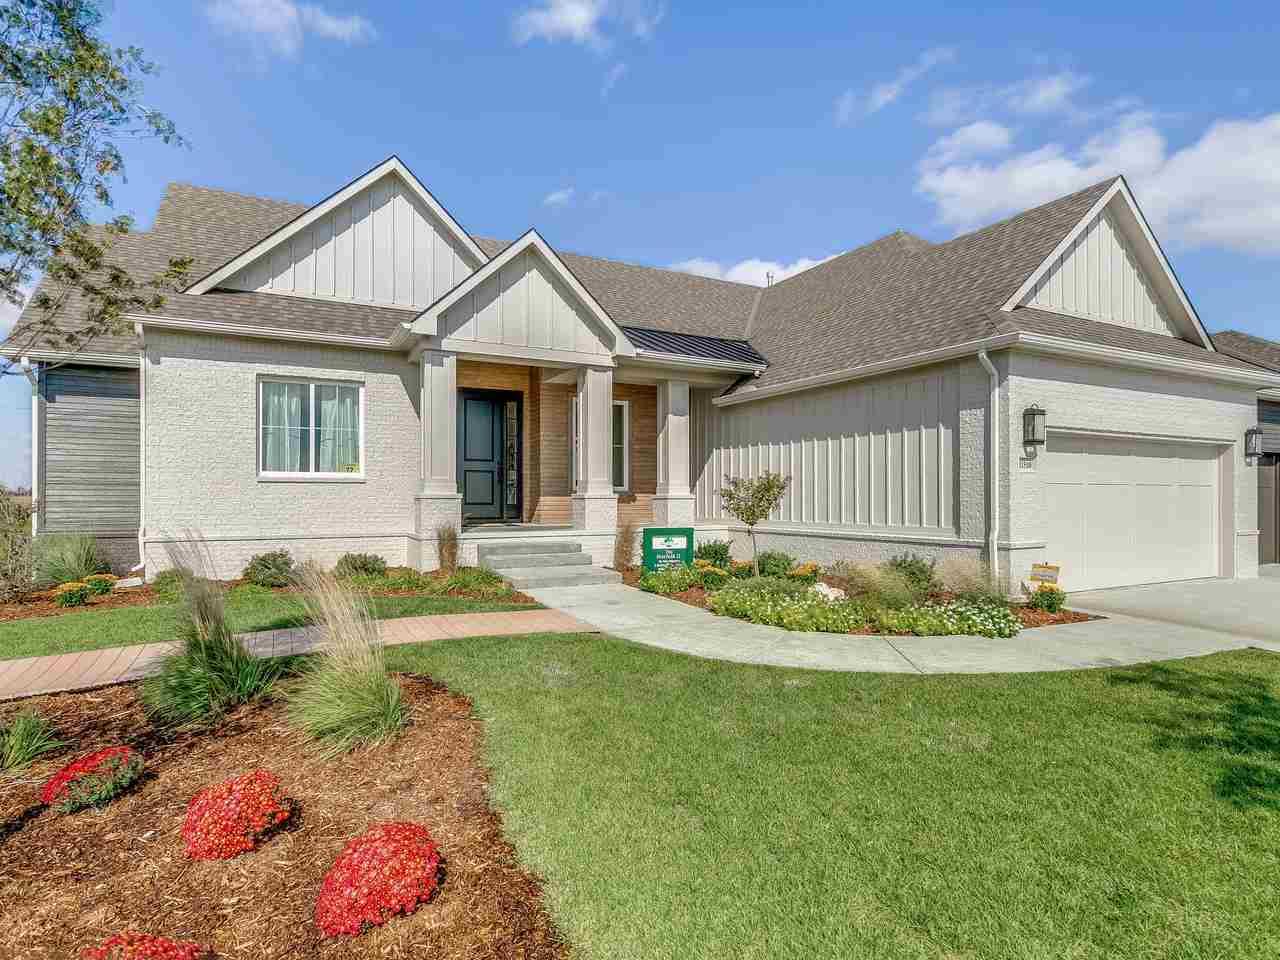 11510 E Winston St, Wichita, KS 67226